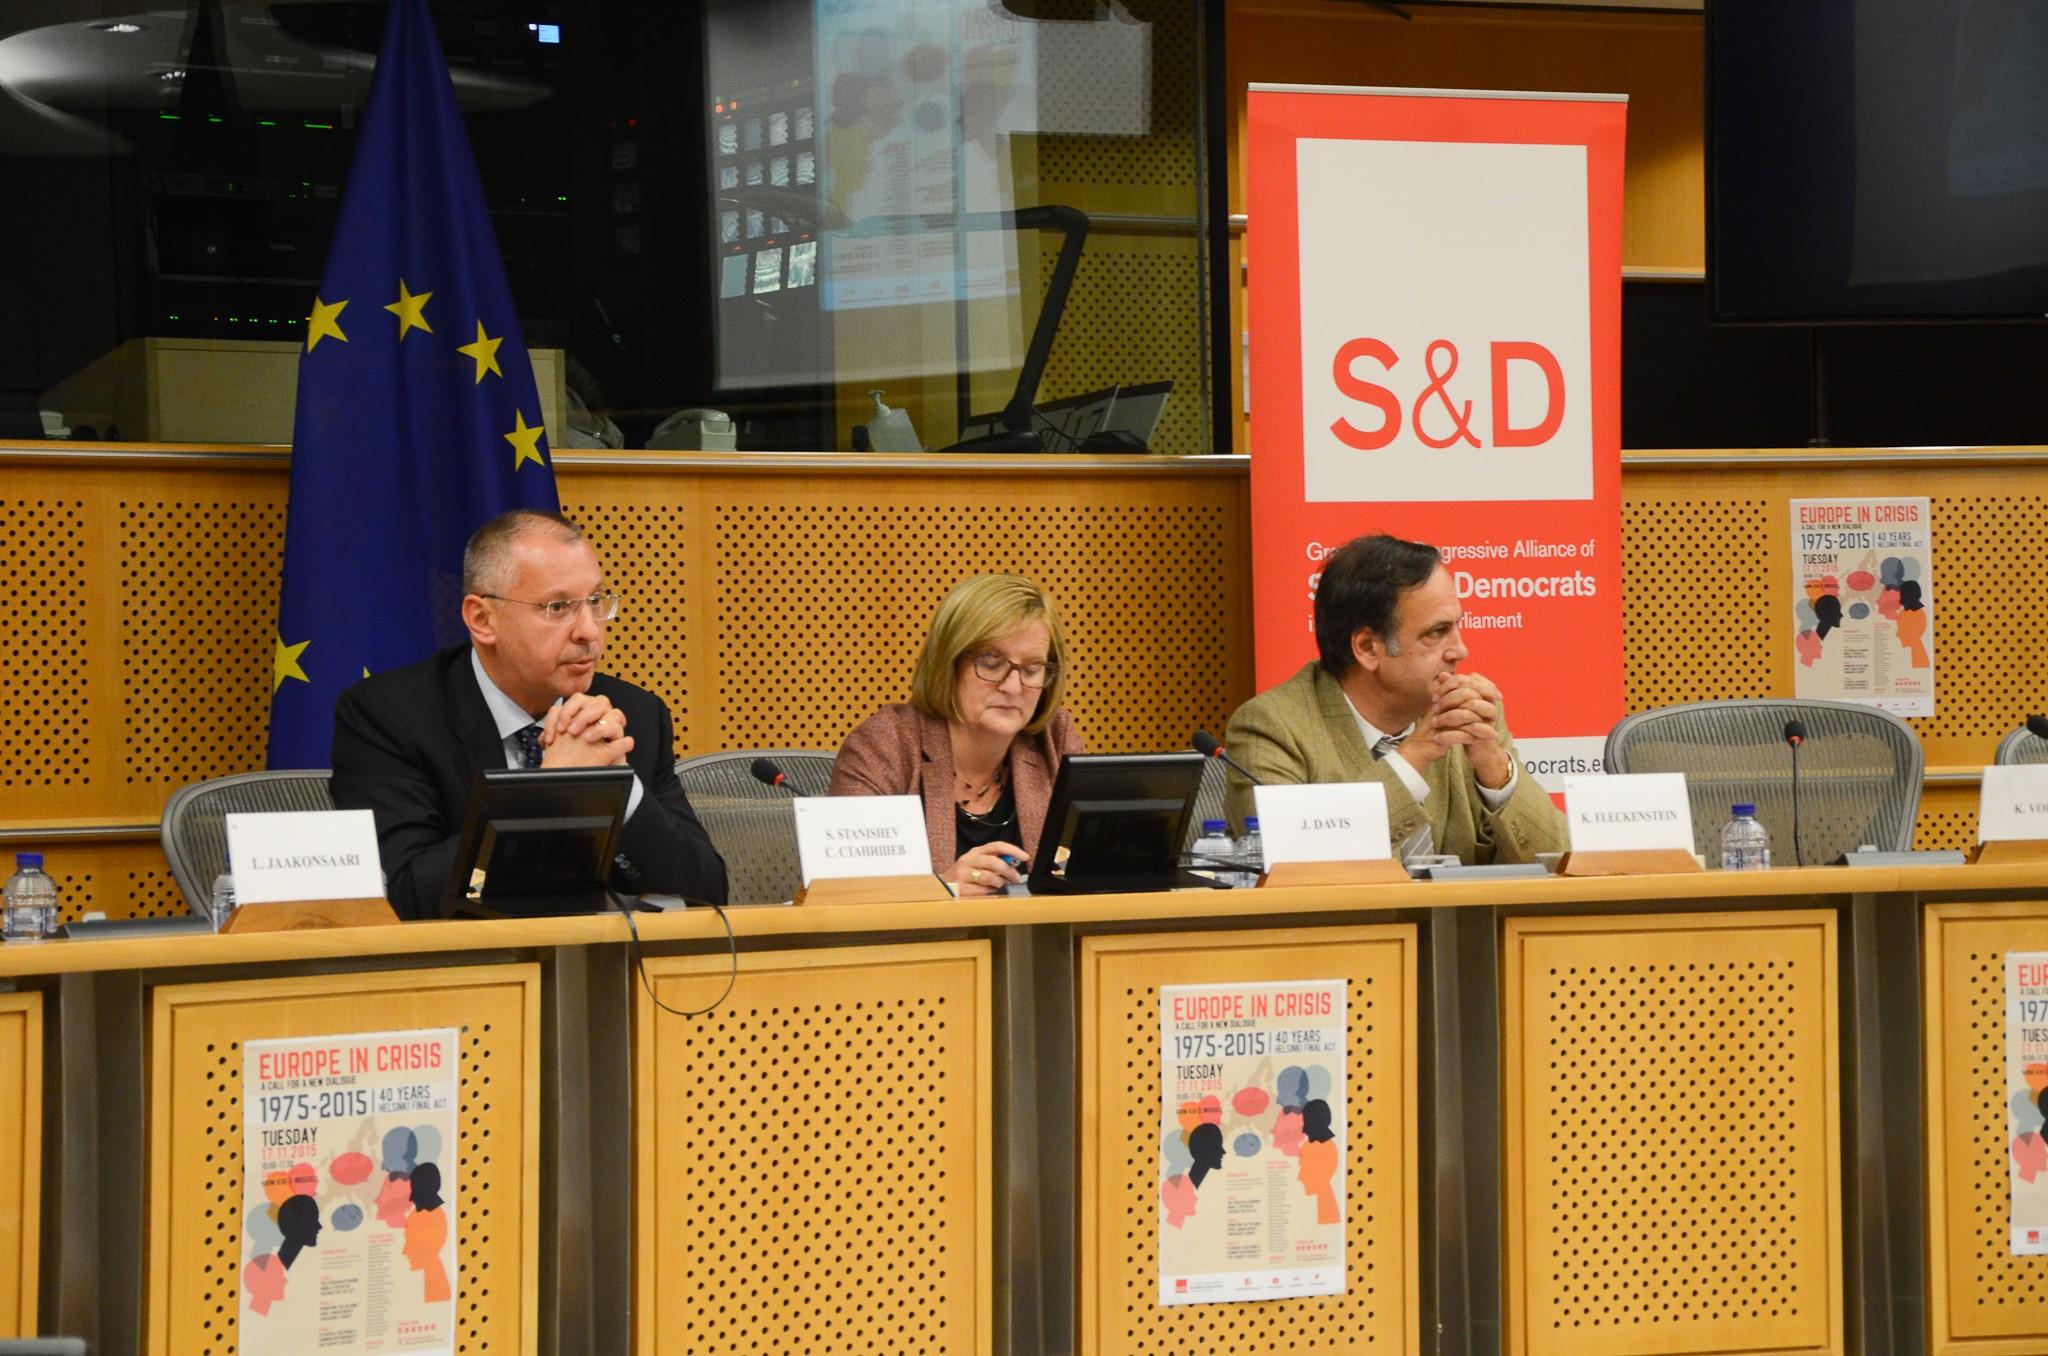 (от дясно наляво) президентът на ПЕС Сергей Станишев, Джаки Дейвис, директор на центъра по Европейска политика и Кнут Флекенщайн – заместник -председател на групата на социалистите и демократите в ЕП.